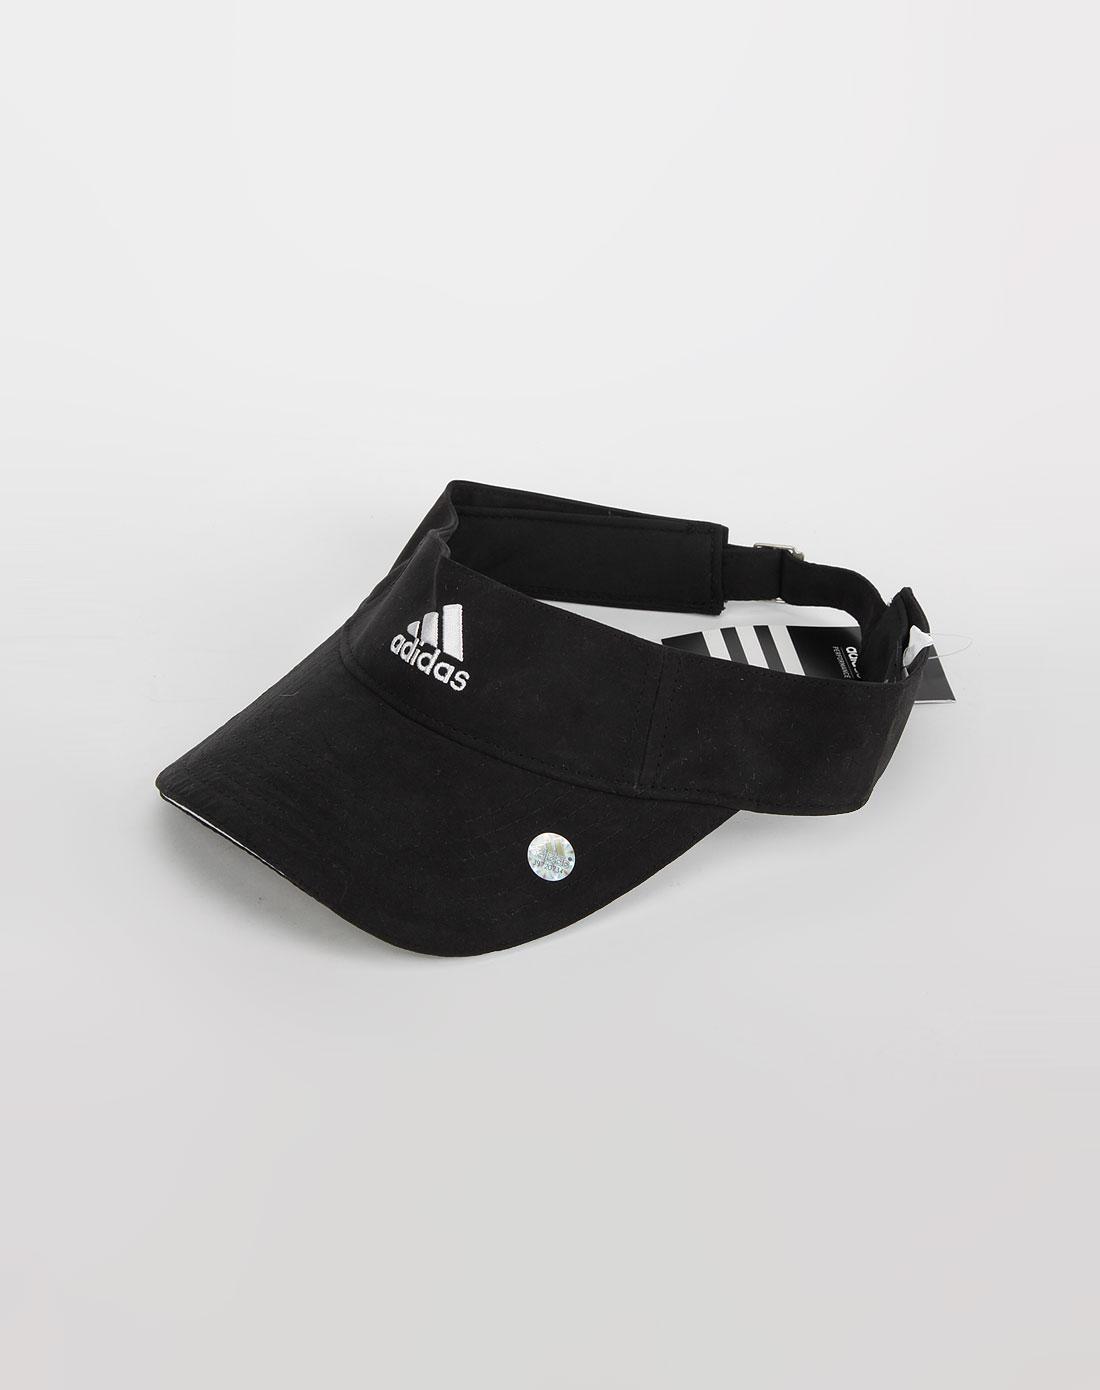 阿迪达斯adidas 中性黑色网球帽